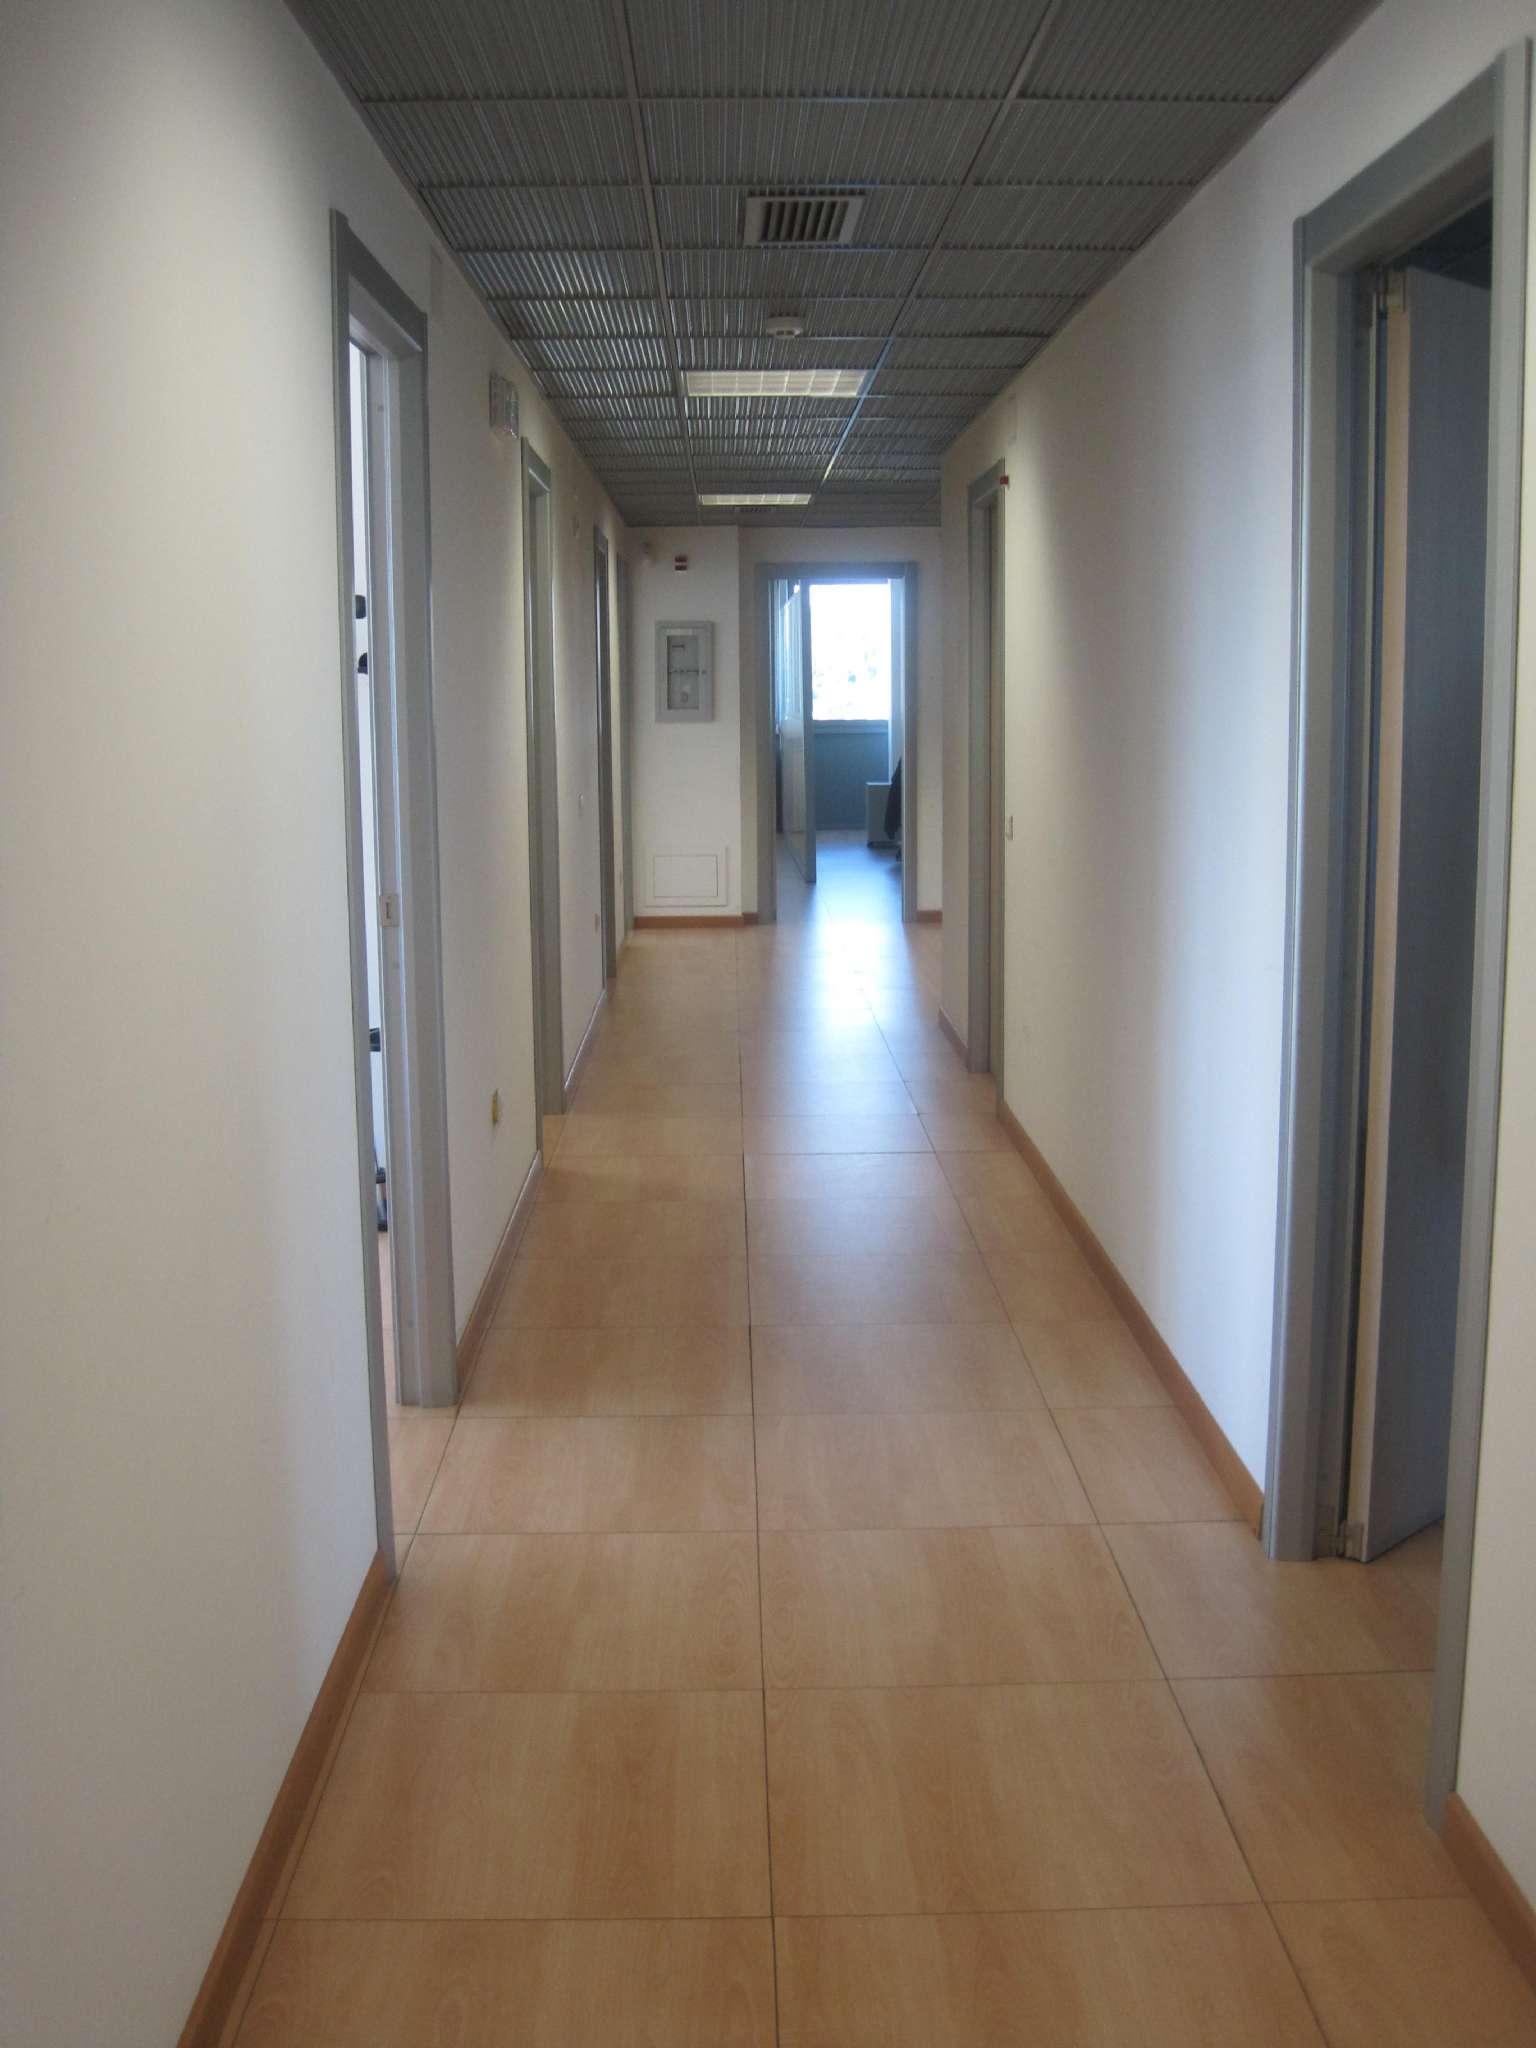 Ufficio / Studio in affitto a Cagliari, 9999 locali, Trattative riservate | CambioCasa.it